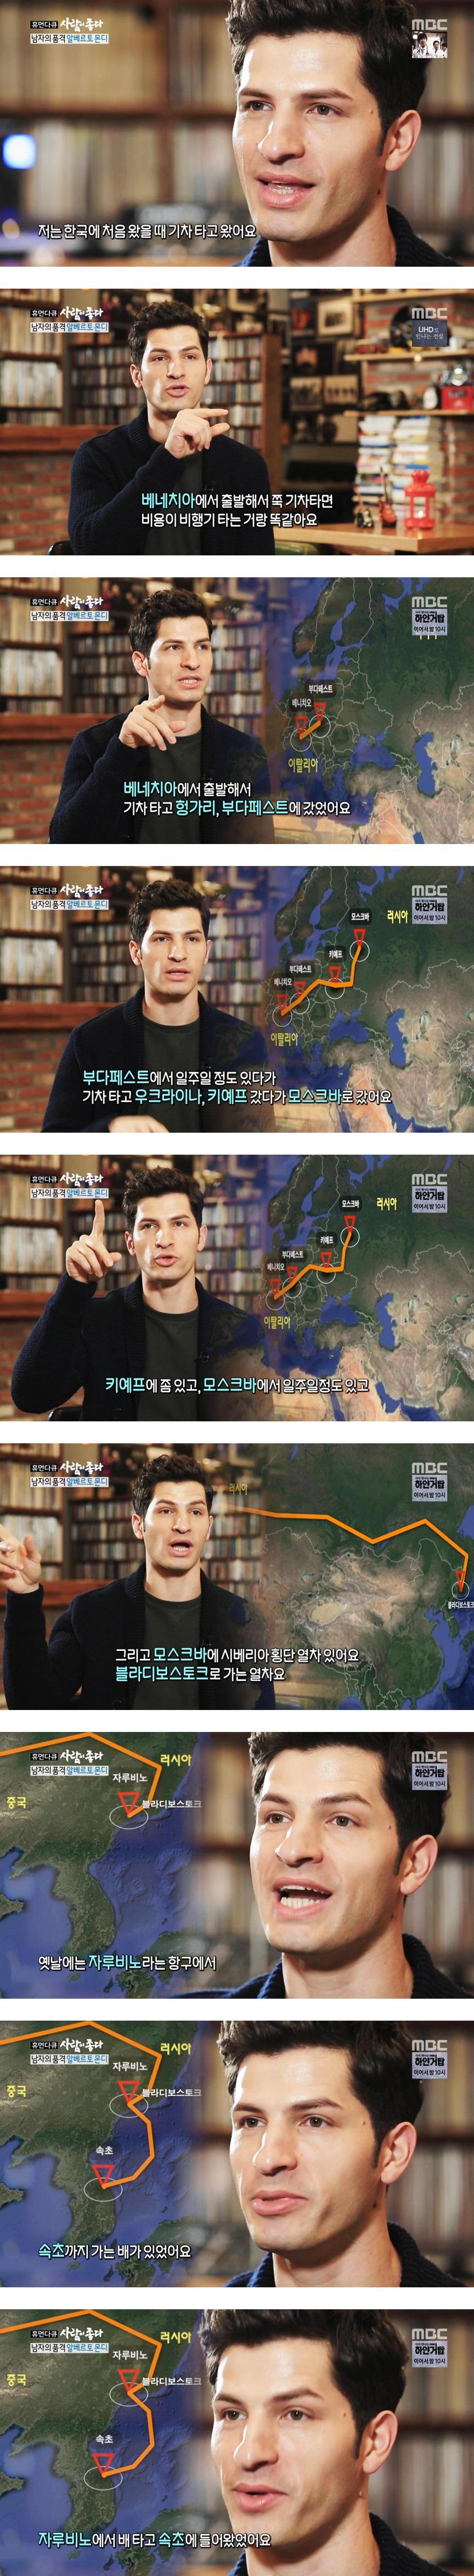 이탈리아에서 기차로 한국오는 방법!!!